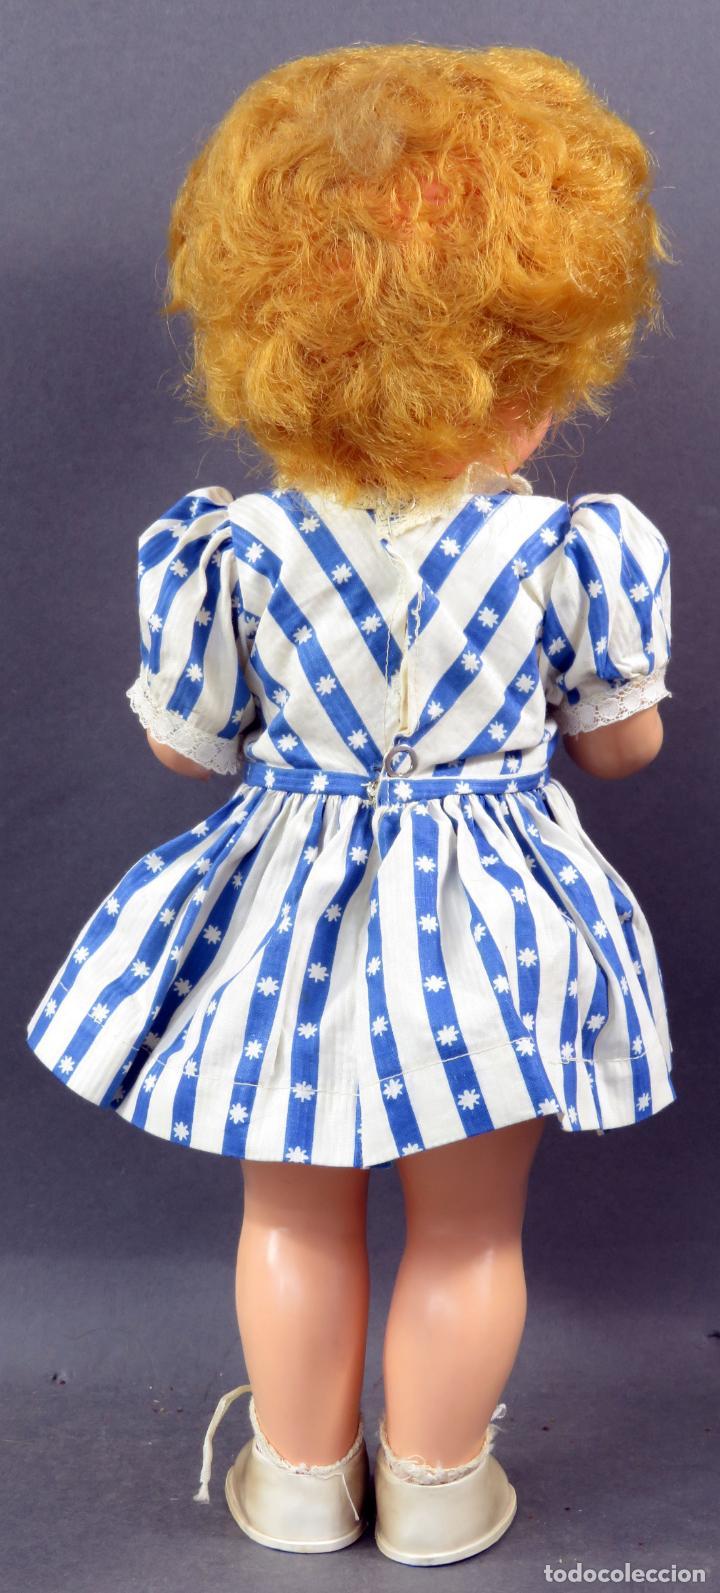 Muñecas Extranjeras: Muñeca andadora inglesa Pedigree goma y plástico ropa original con etiqueta años 60 40 cm - Foto 4 - 151966586